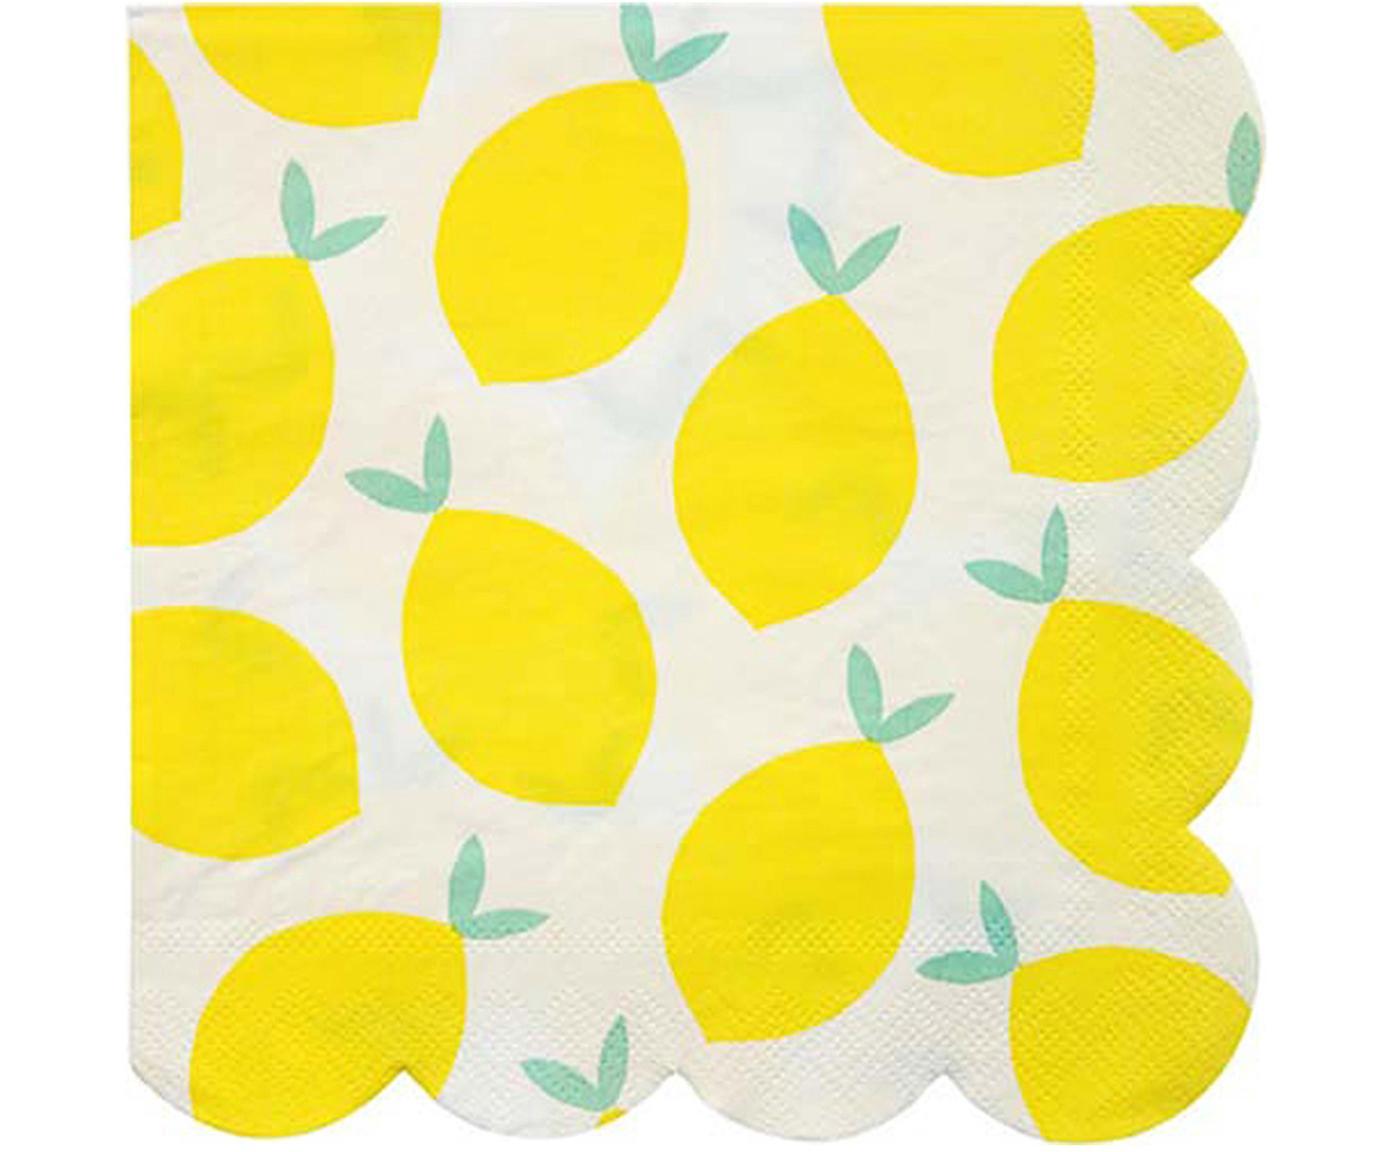 Papier-Servietten Lemon, 20 Stück, Papier, Weiss, Gelb, Grün, 33 x 33 cm